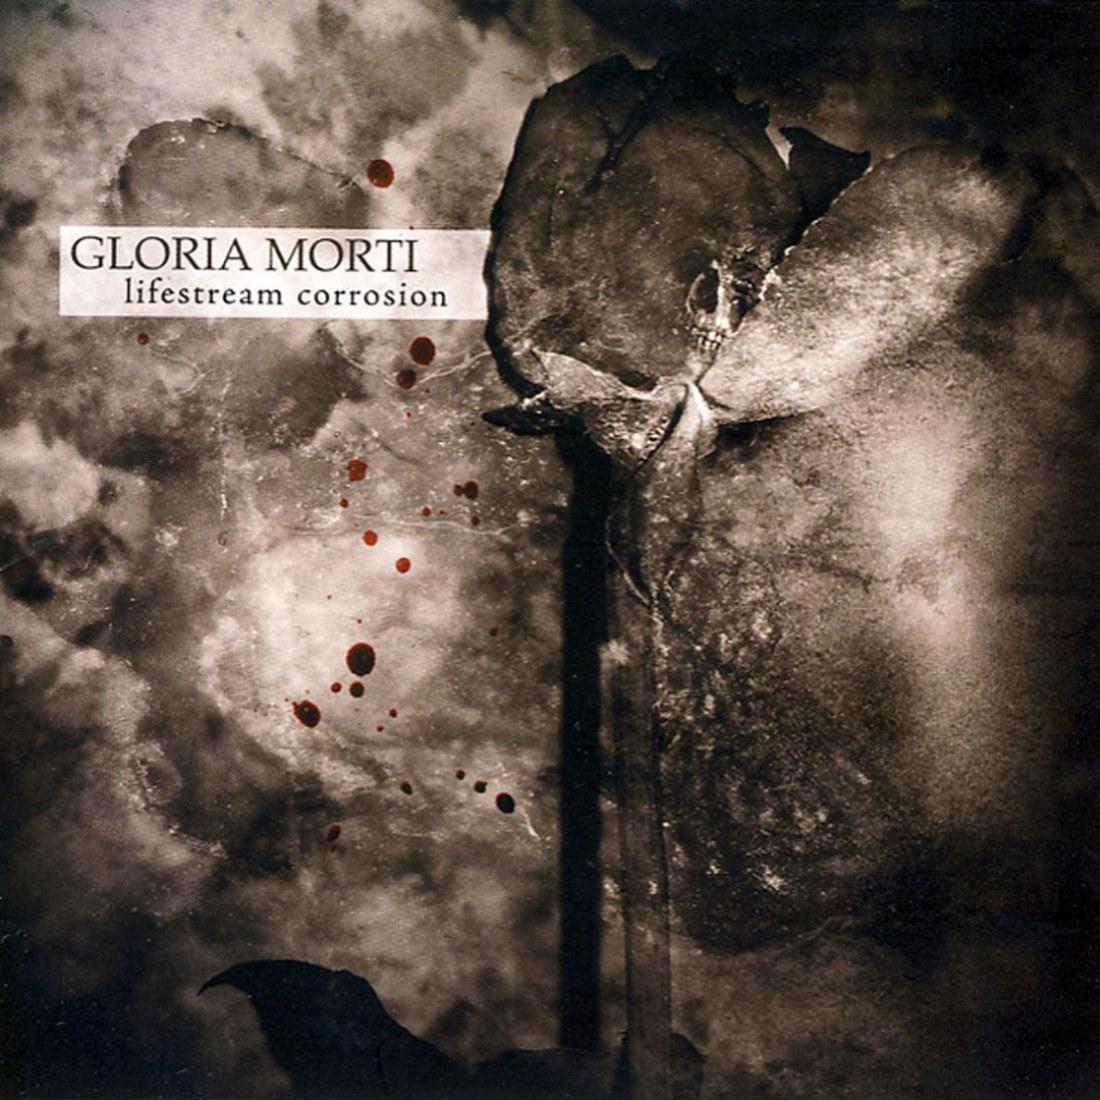 Review for Gloria Morti - Lifestream Corrosion